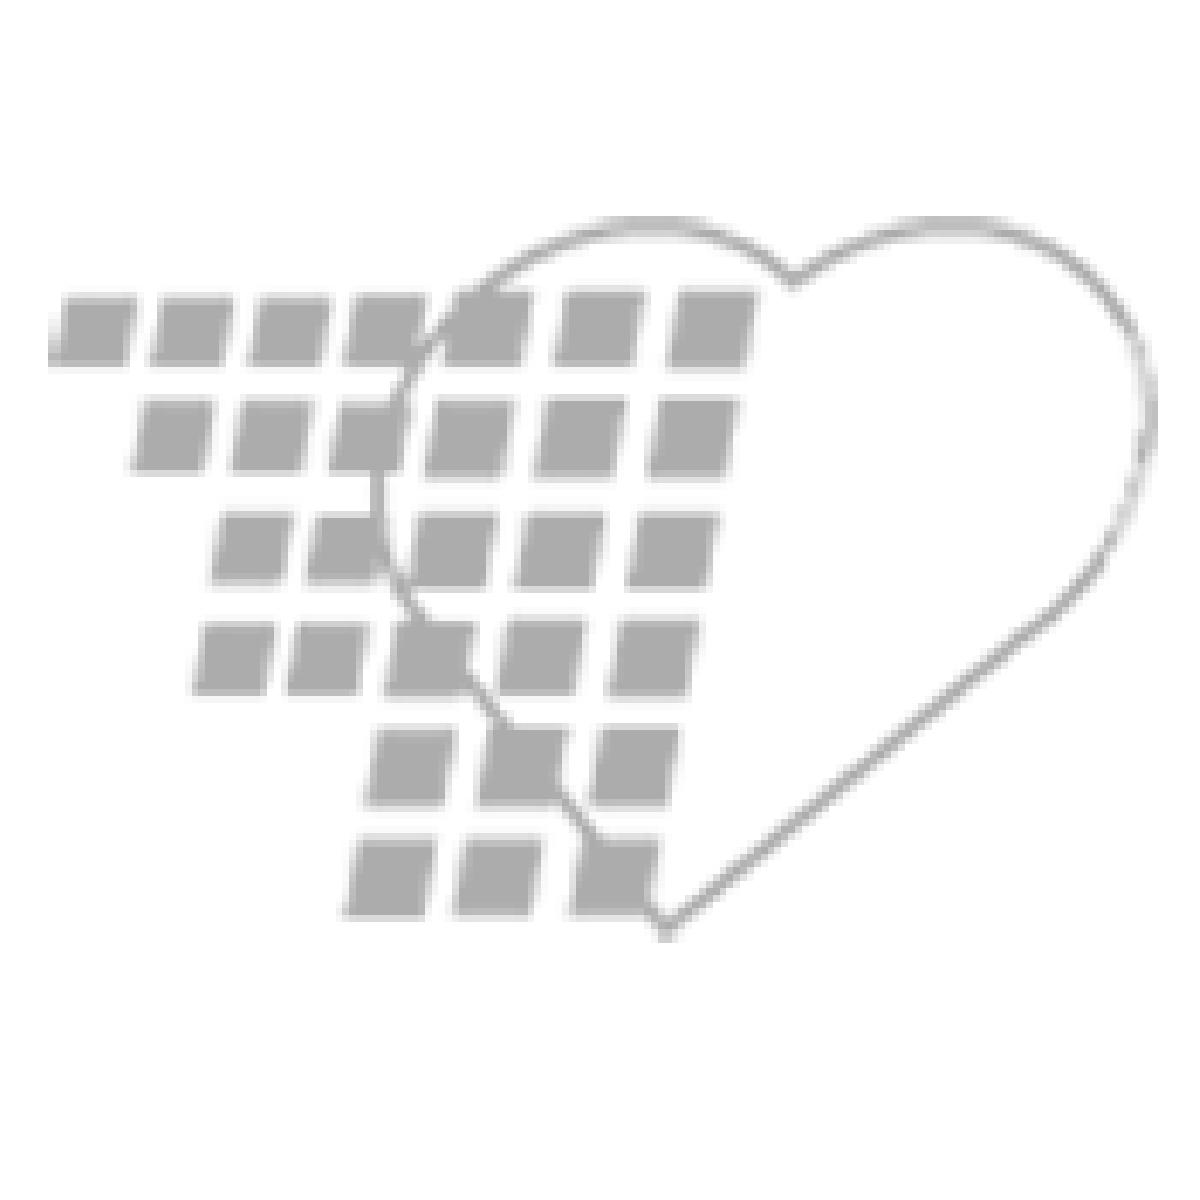 04-50-8900 MedSurg Bed with Mattress